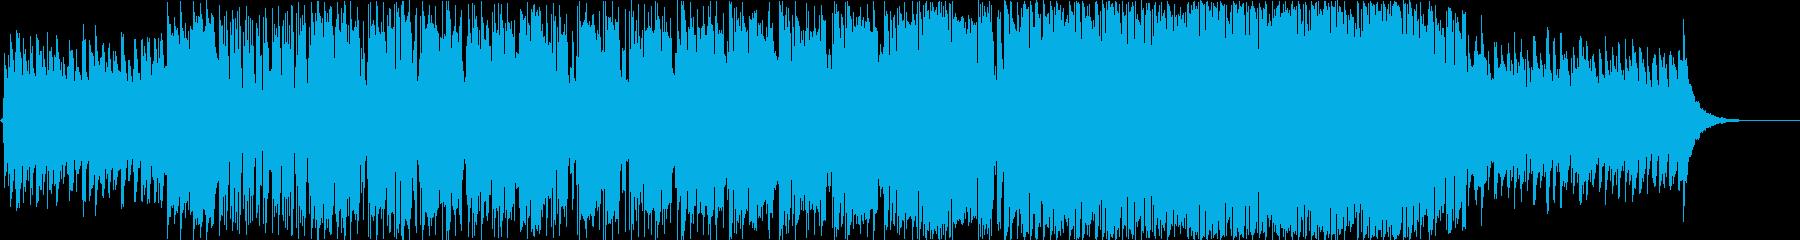 【1コーラス】懐かしい感じの歌物楽曲。の再生済みの波形